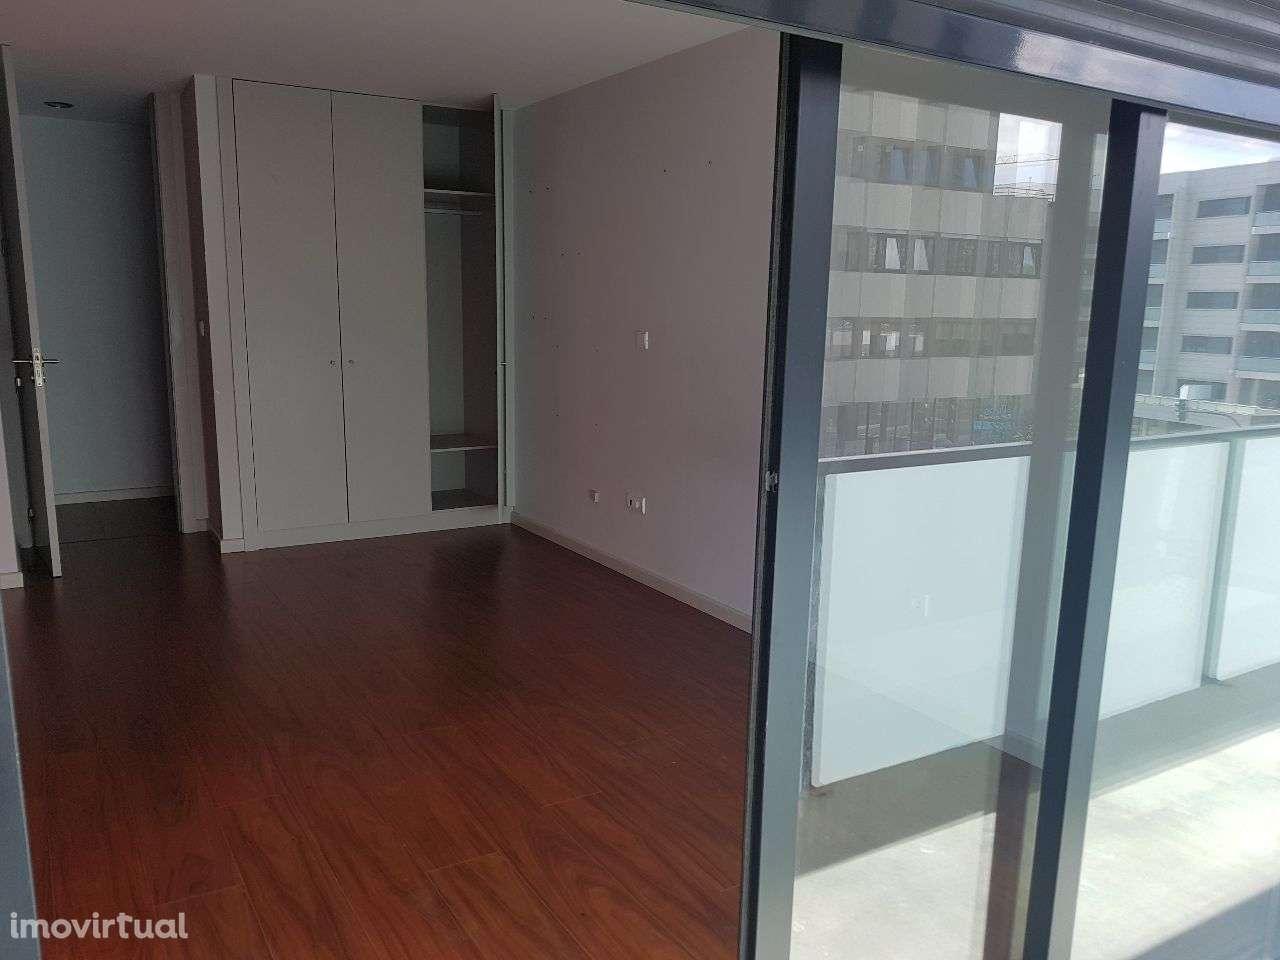 Apartamento para comprar, Valença, Cristelo Covo e Arão, Viana do Castelo - Foto 15